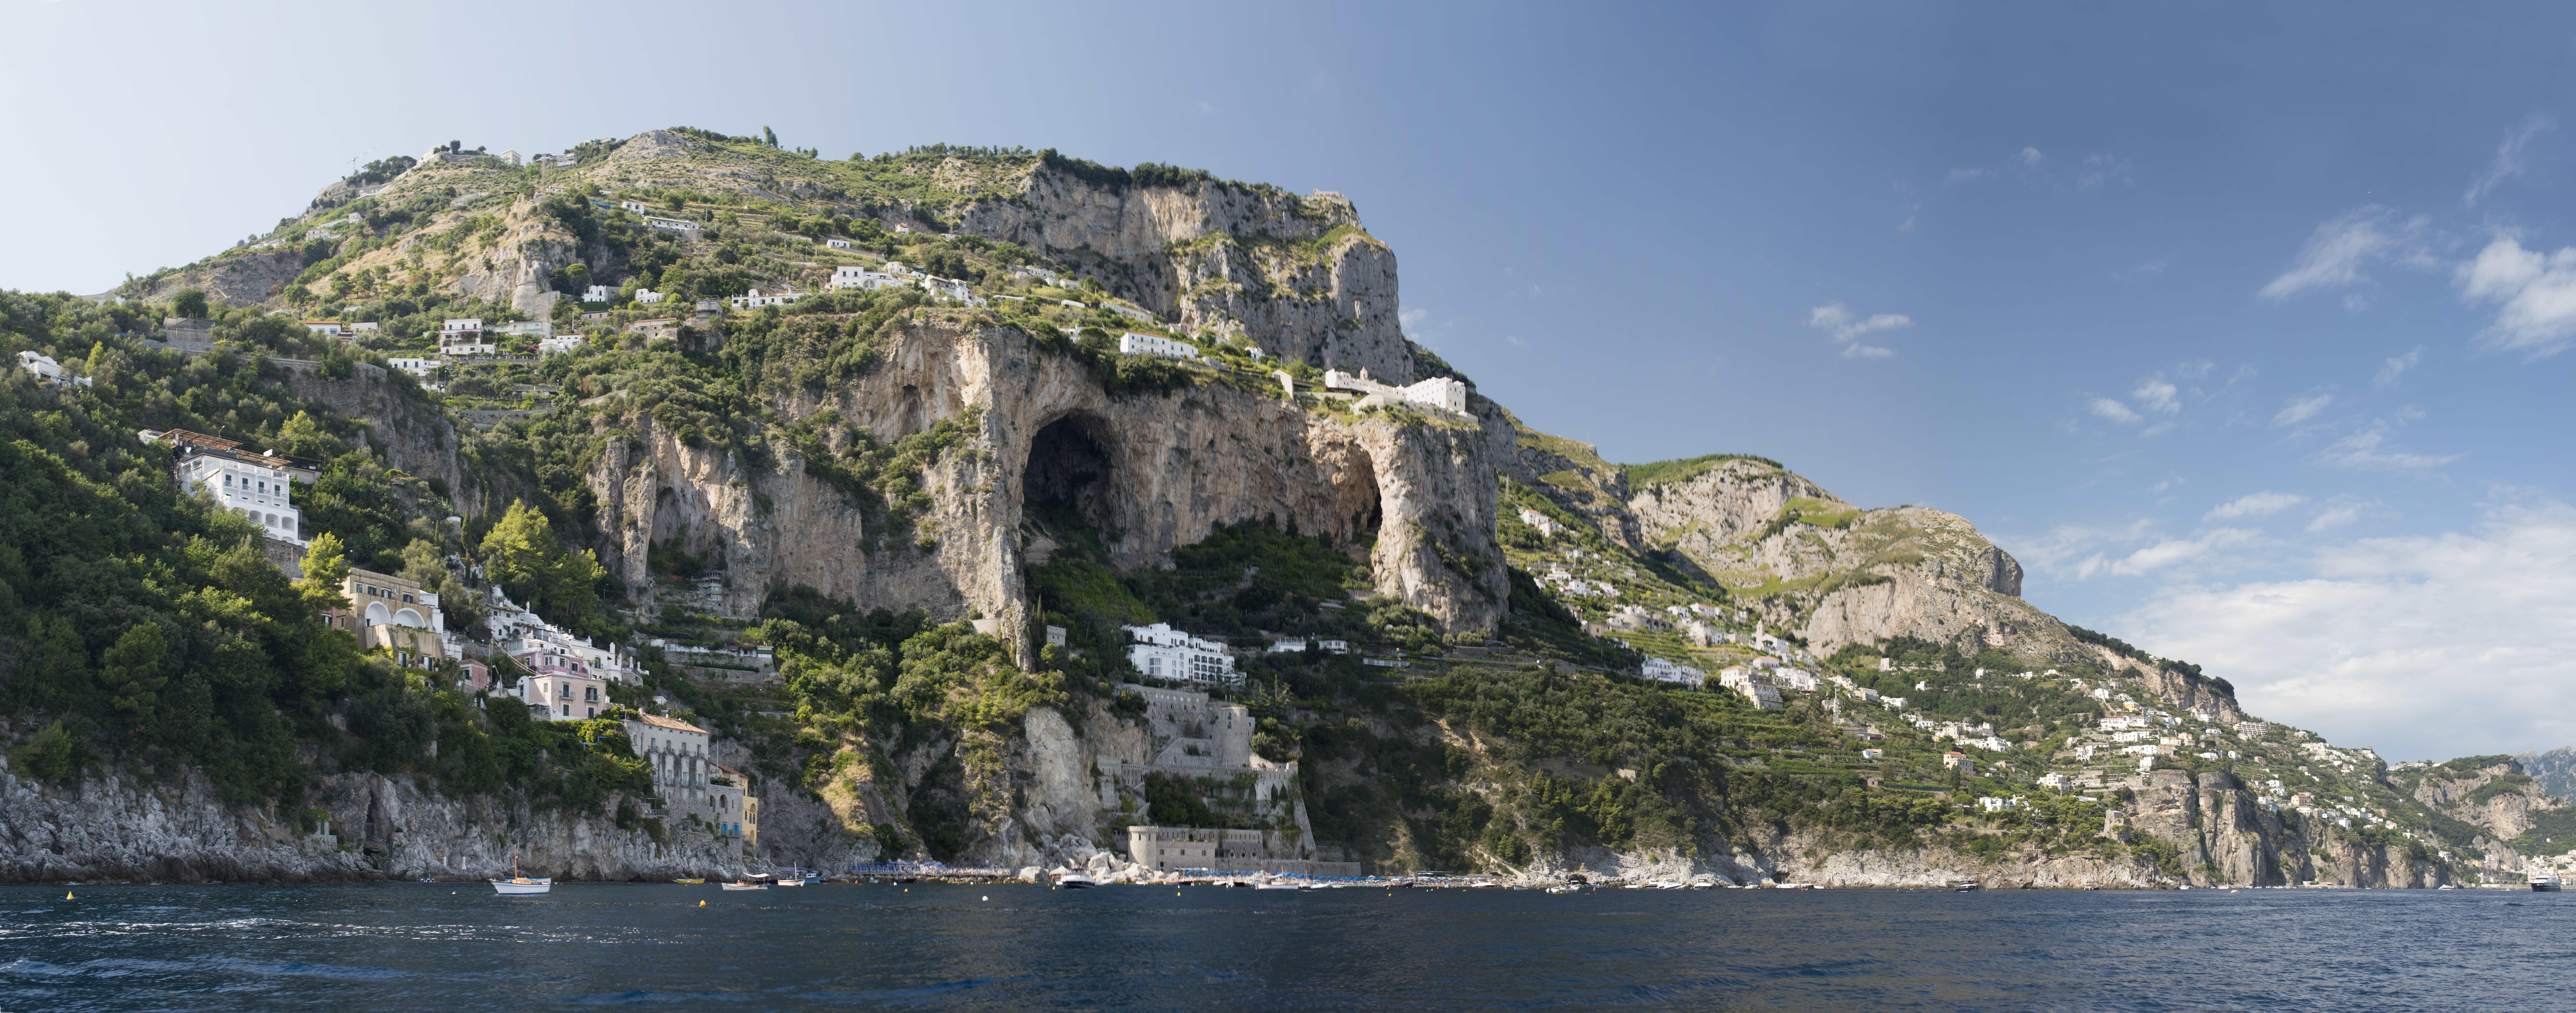 Amalfi_Coast_01